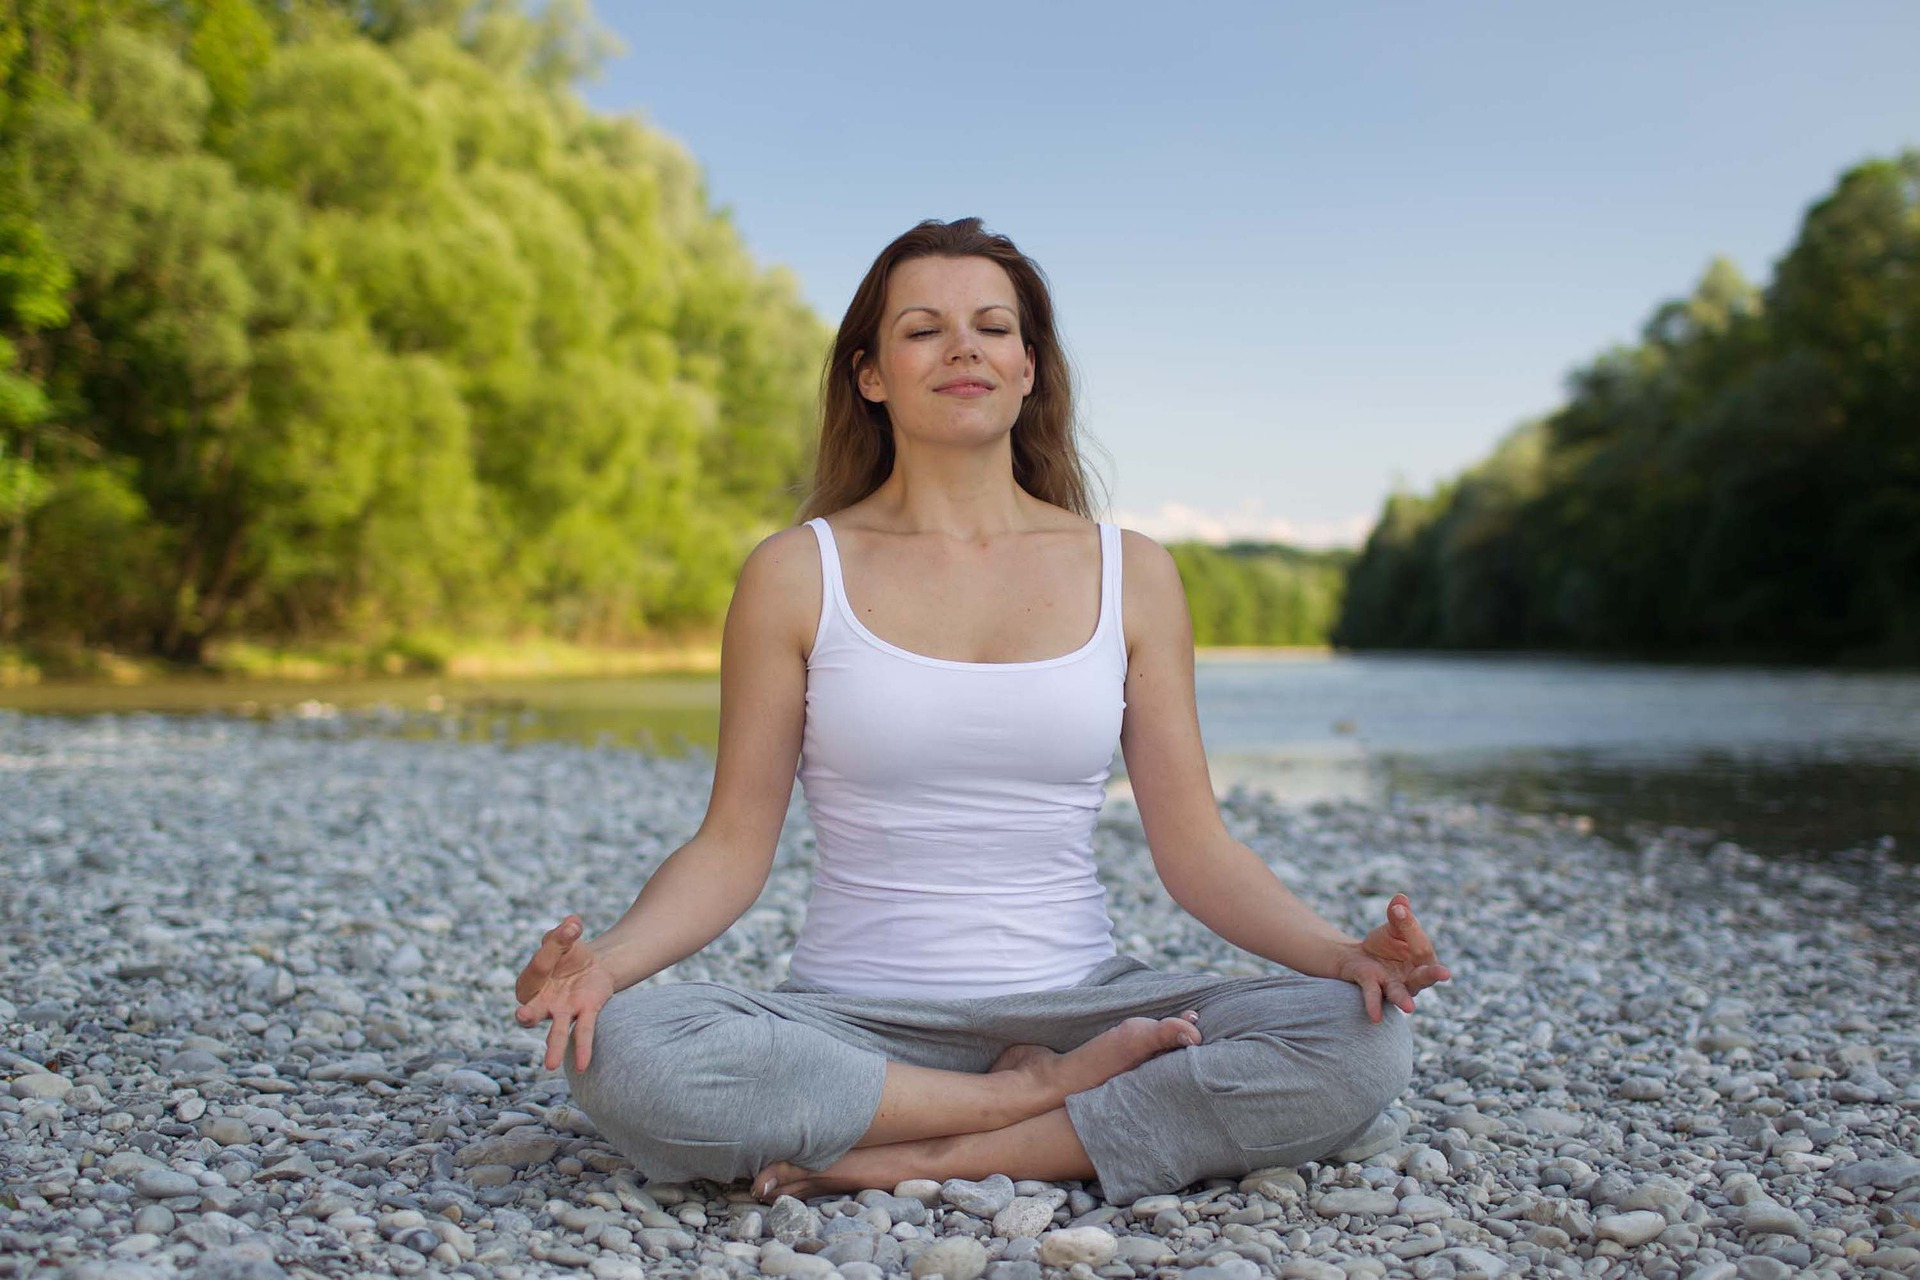 Incredible health benefits of yoga